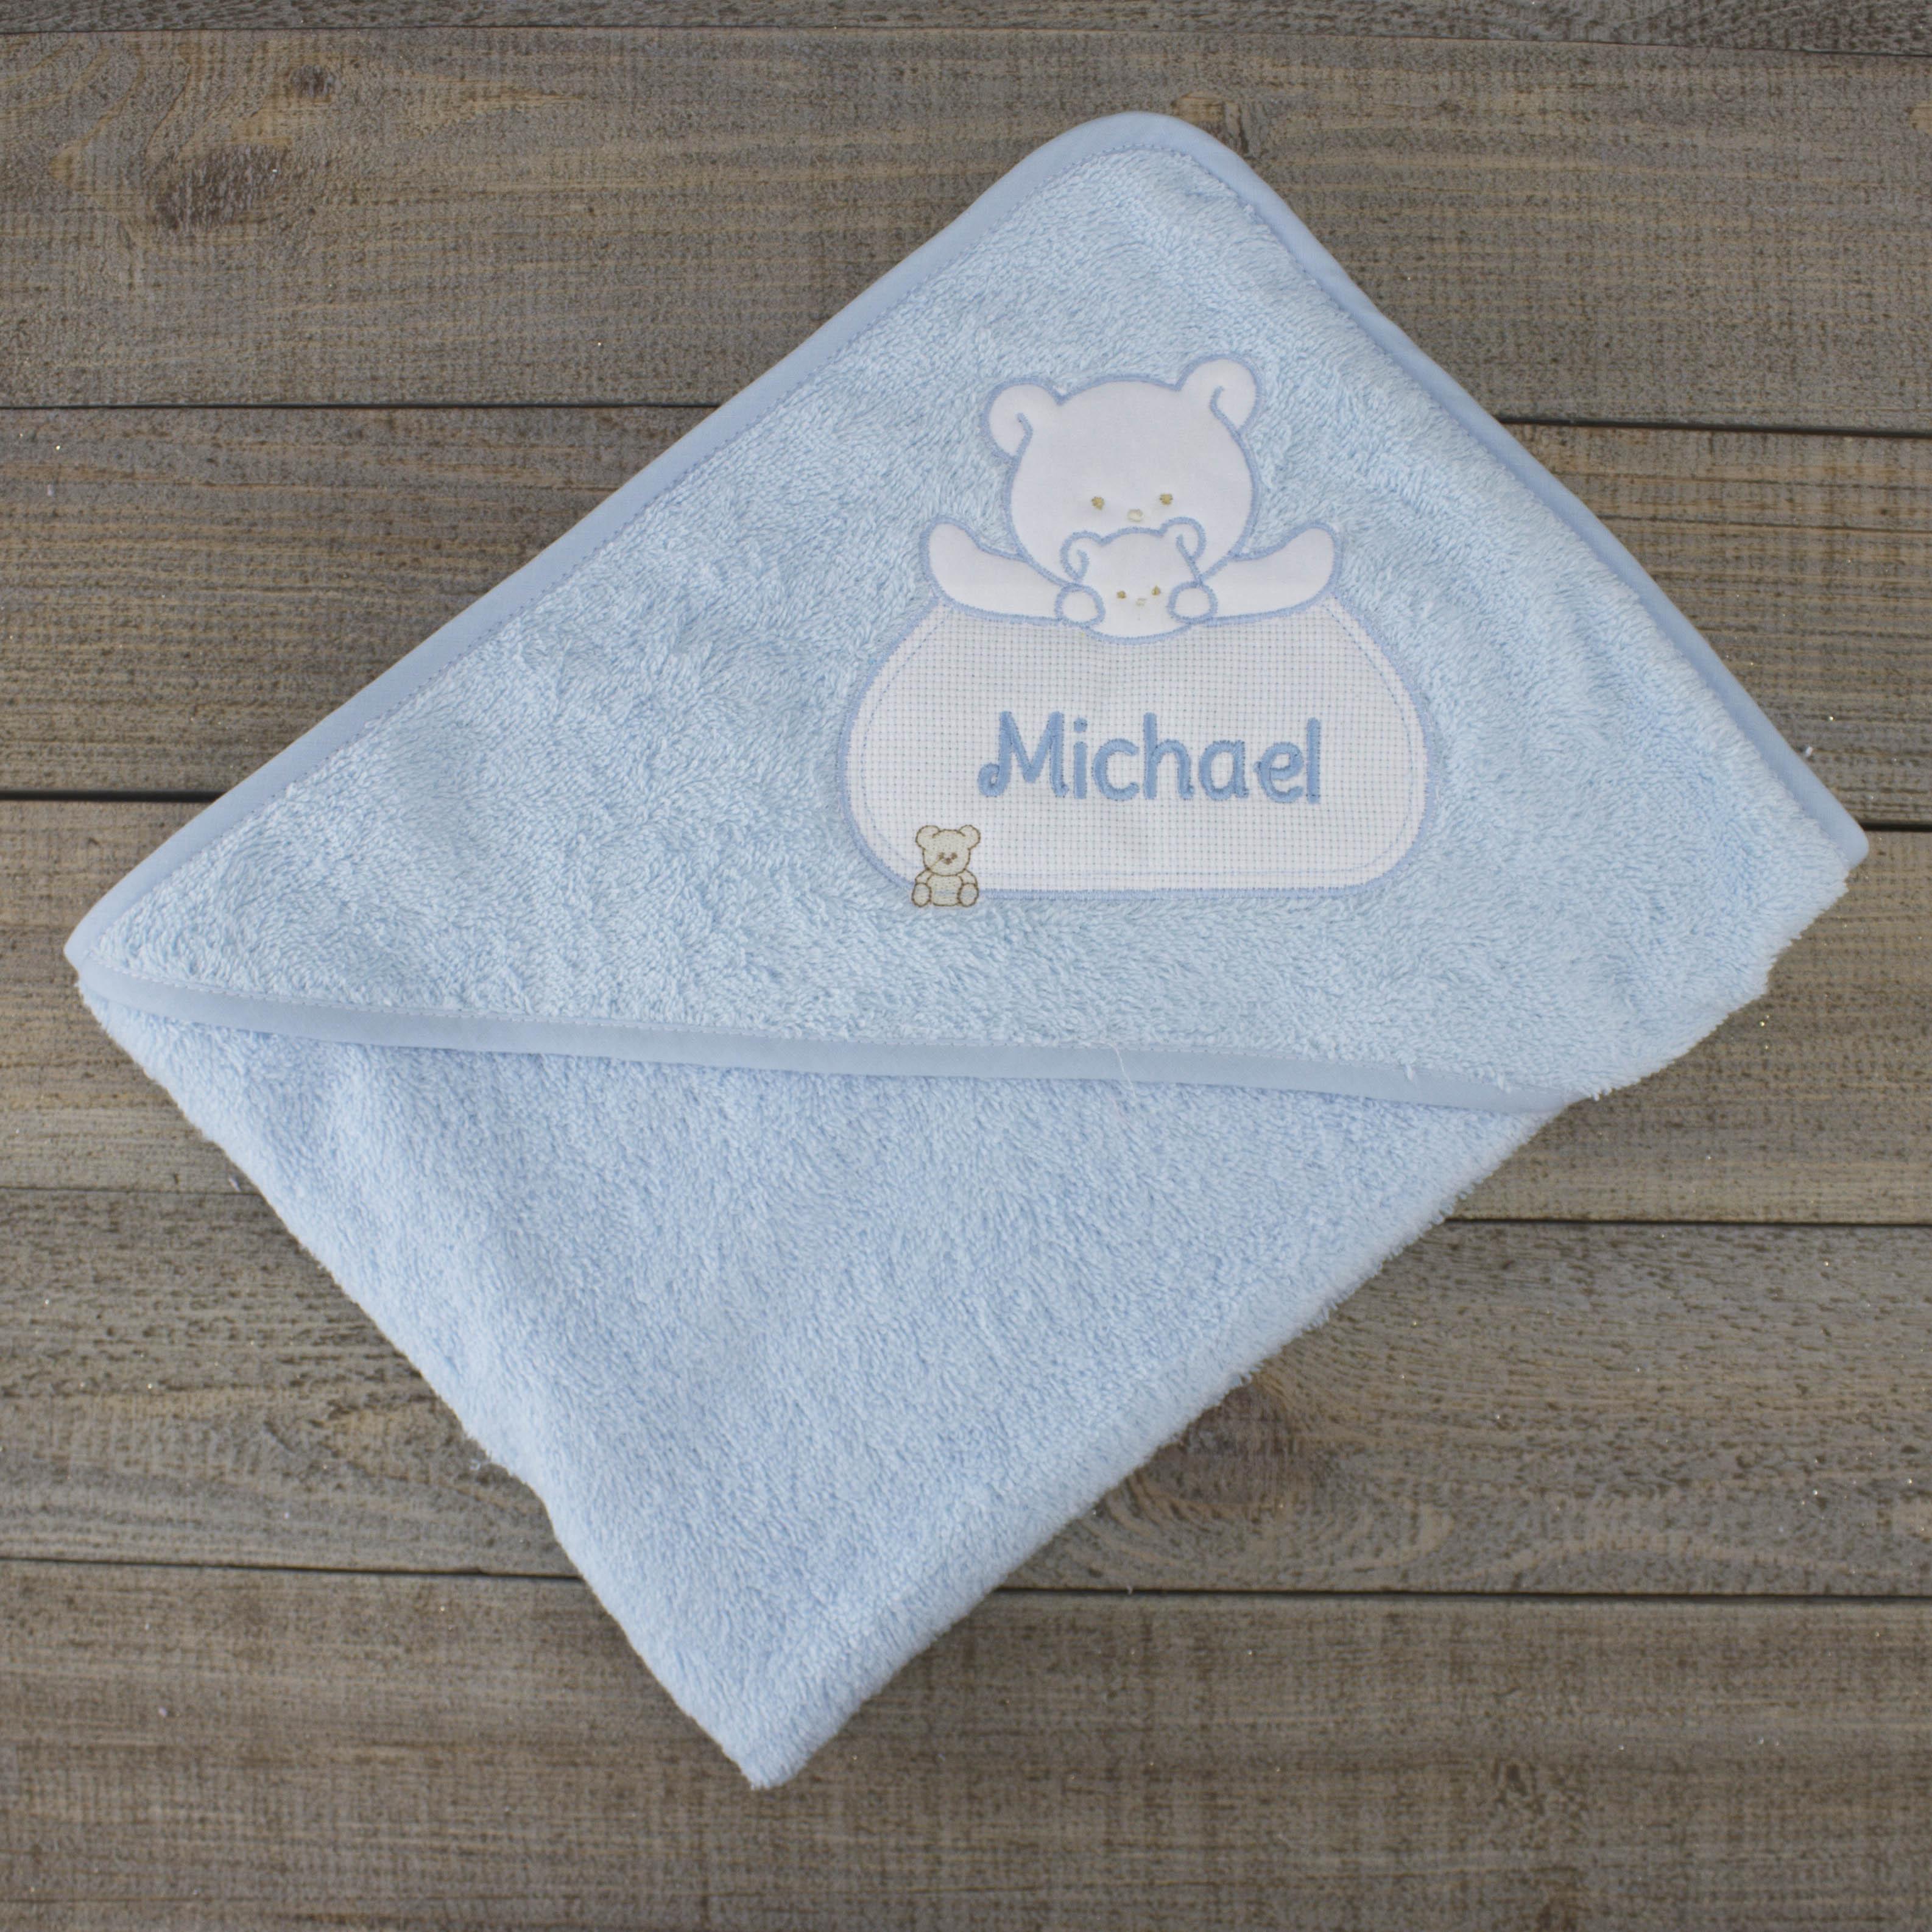 personalised baby towel - blue